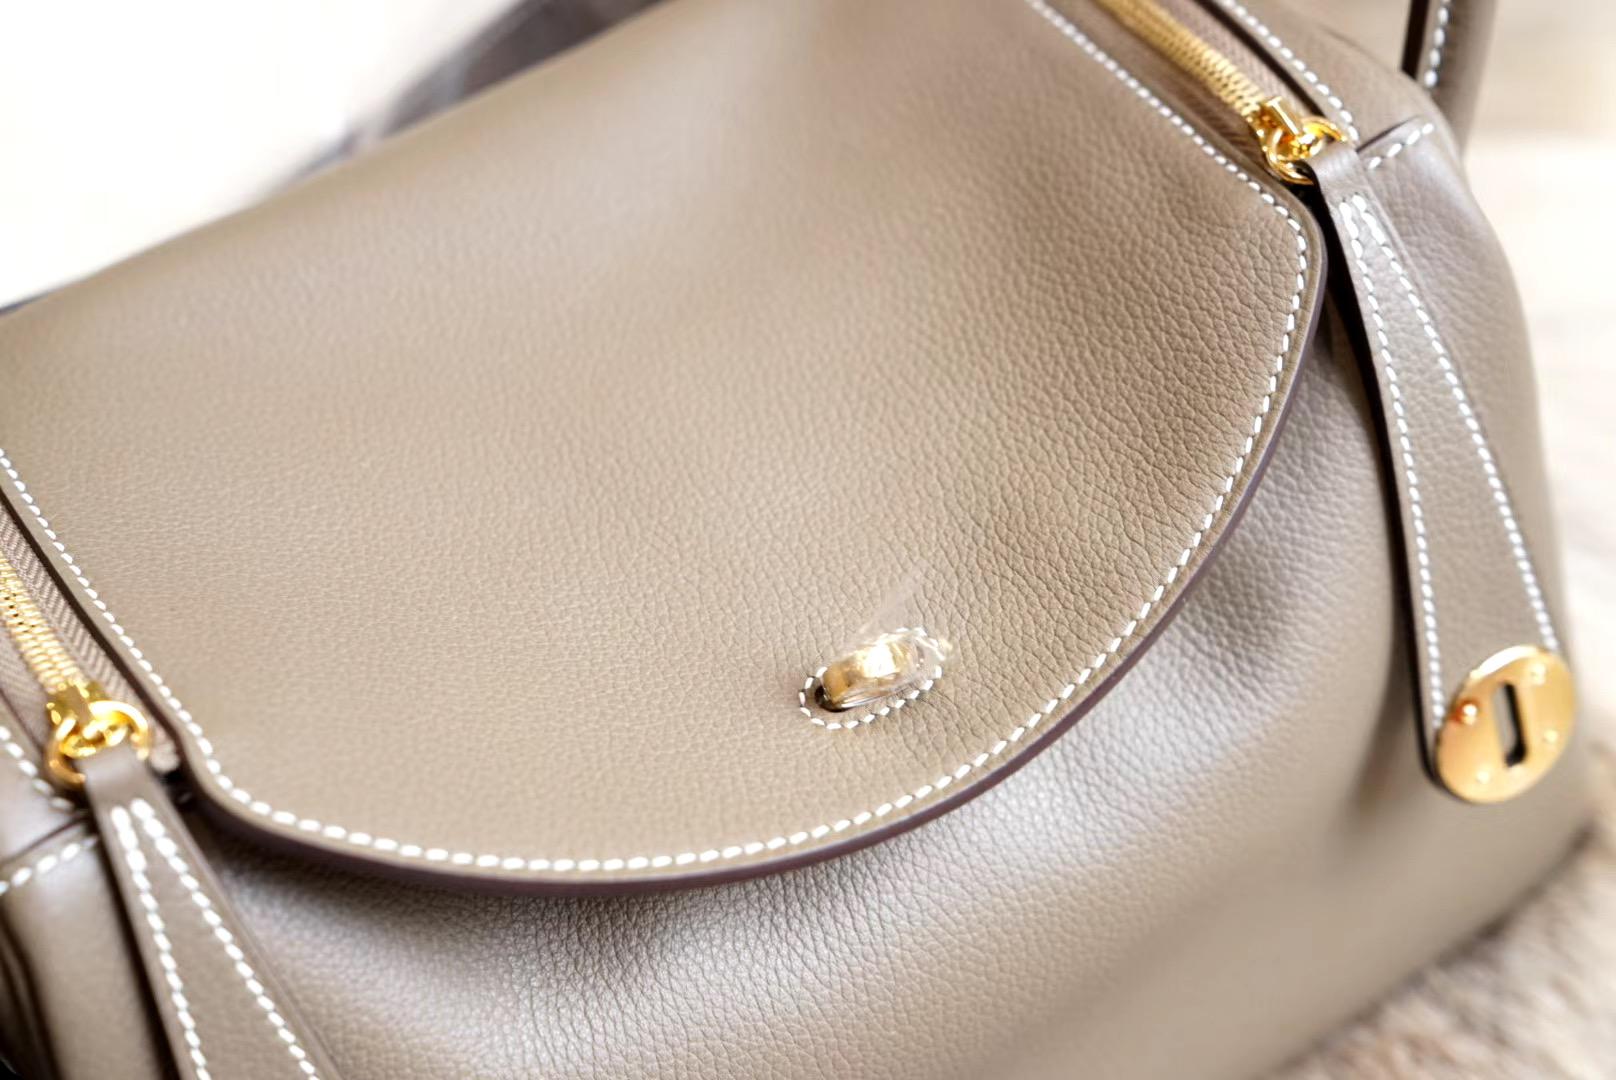 最新年份真品开版 大象灰 琳迪包 Lindy 26CM 金扣 原厂Evercolor皮 法国蜡线 全手缝